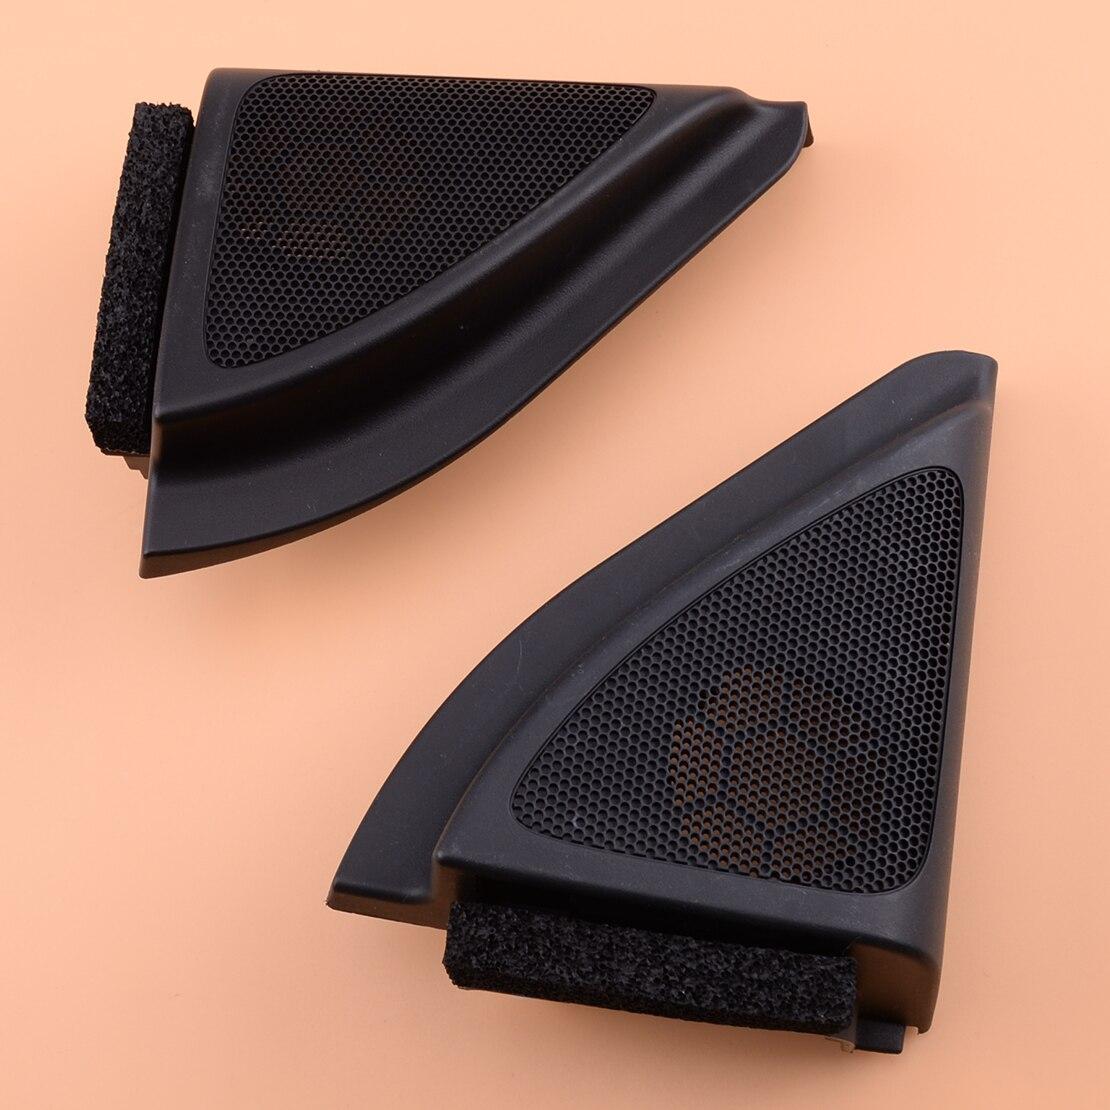 1 paar Front Tür Lautsprecher Hochtöner Dreieck Abdeckung Trim Panel Fit für Toyota Corolla 2013 2012 2011 2010 2009 2008 2007 2006